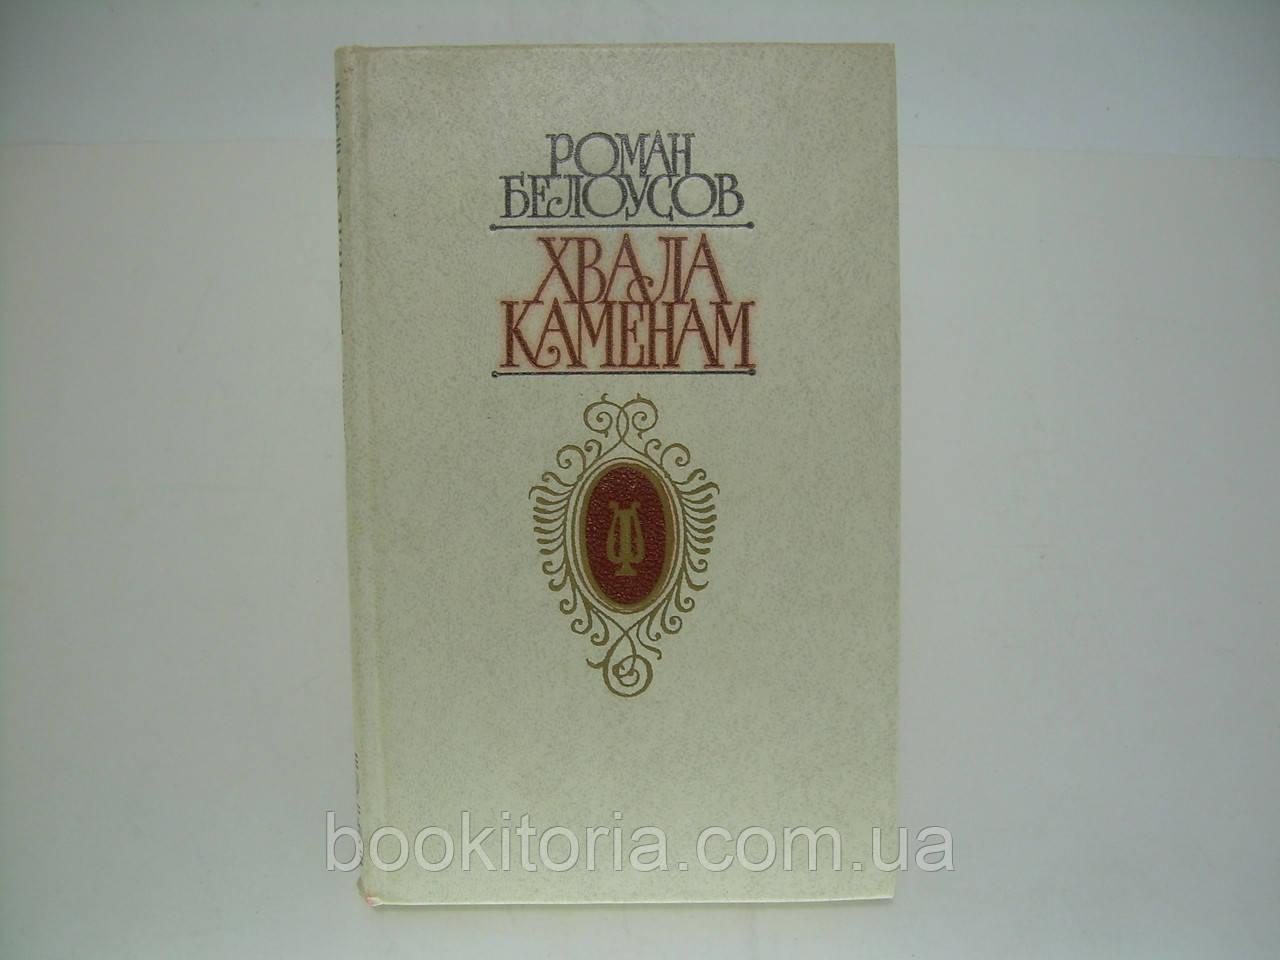 Белоусов Р.С. Хвала Каменам (б/у).